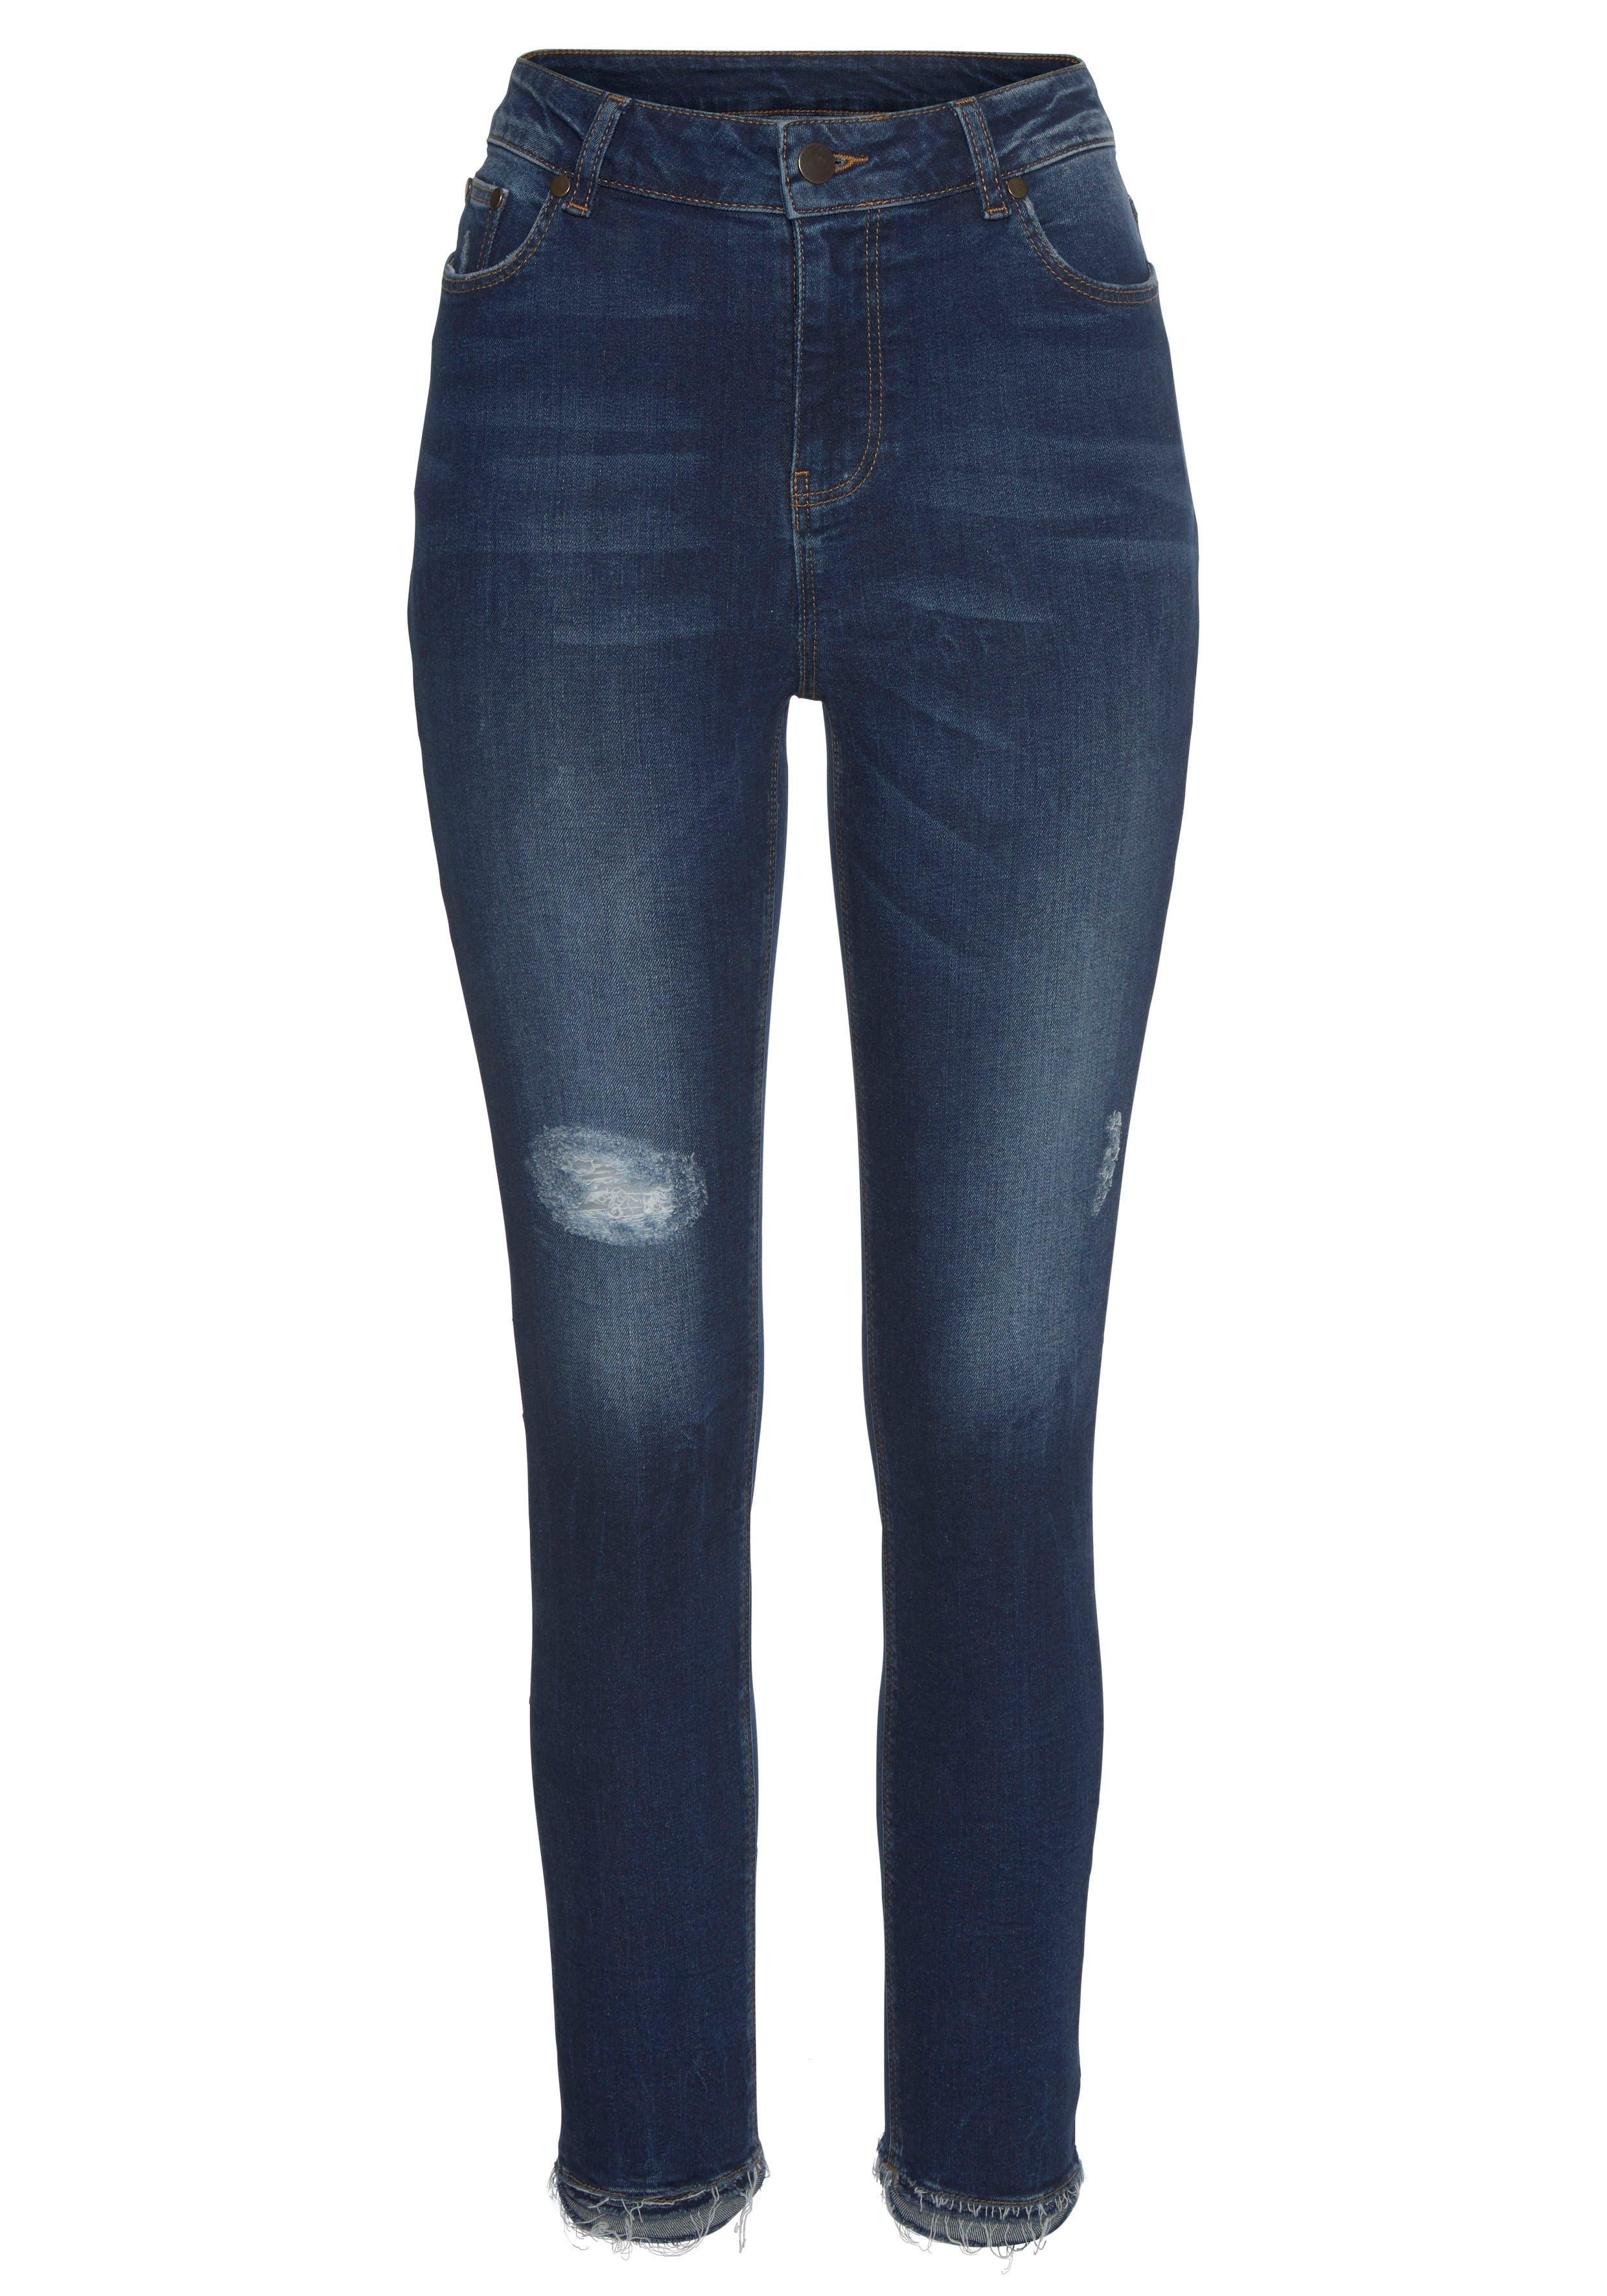 Lascana destroyed jeans online kopen op lascana.nl